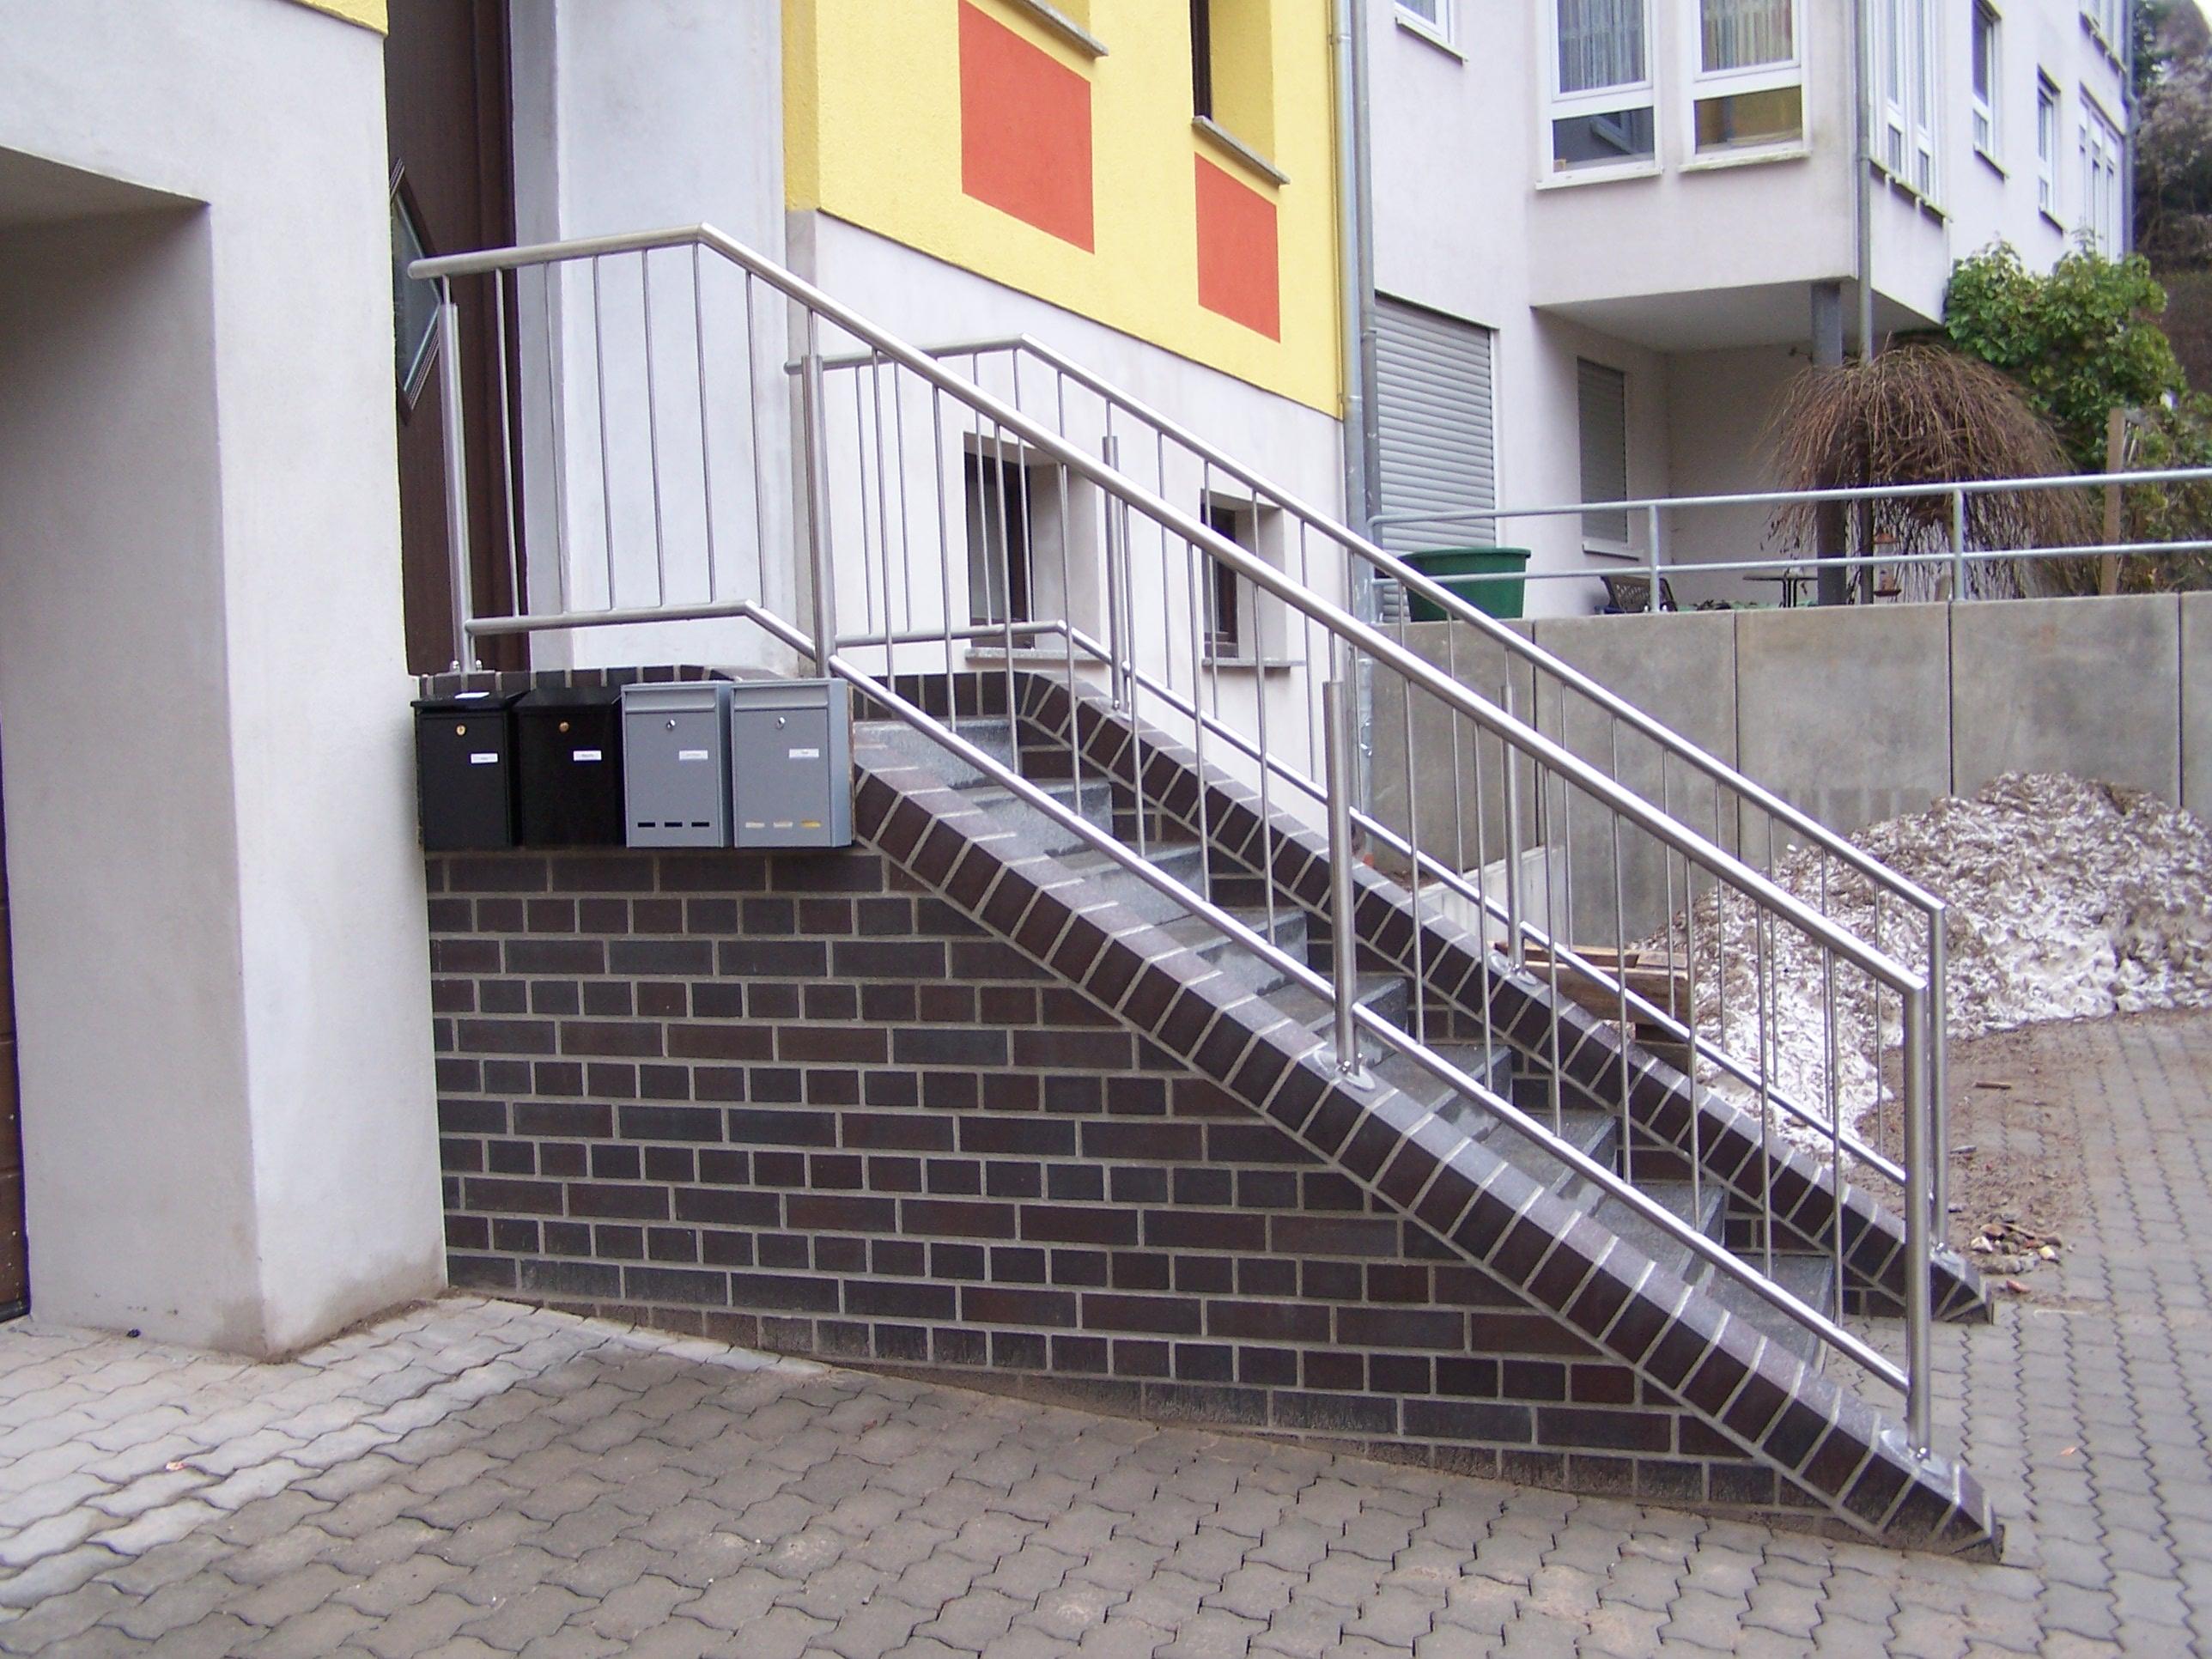 Geländer Kompakt 2 Stabfüllung